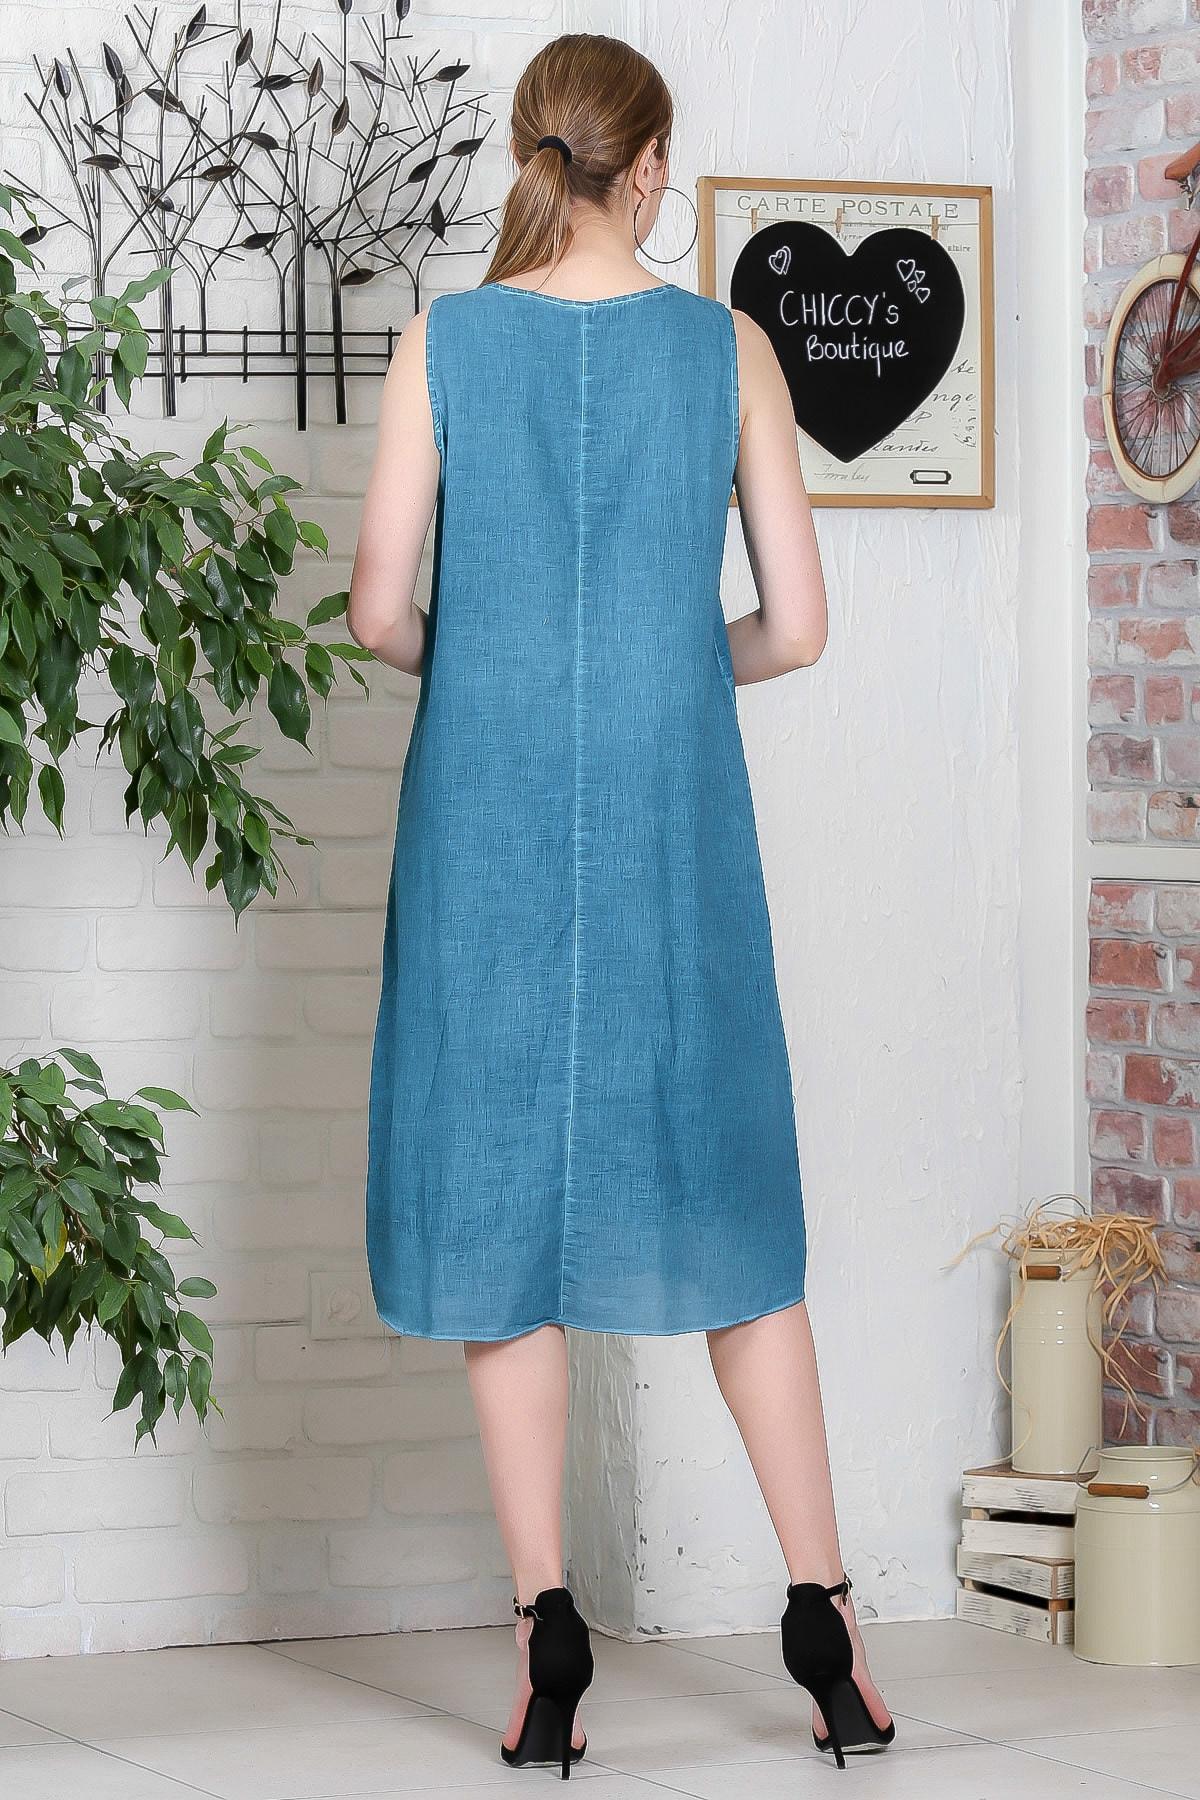 Chiccy Kadın Petrol Mavisi Dantel Yaka Tülbent Etek Ucu Bloklu Ponponlu Astarlı Elbise M10160000EL95300